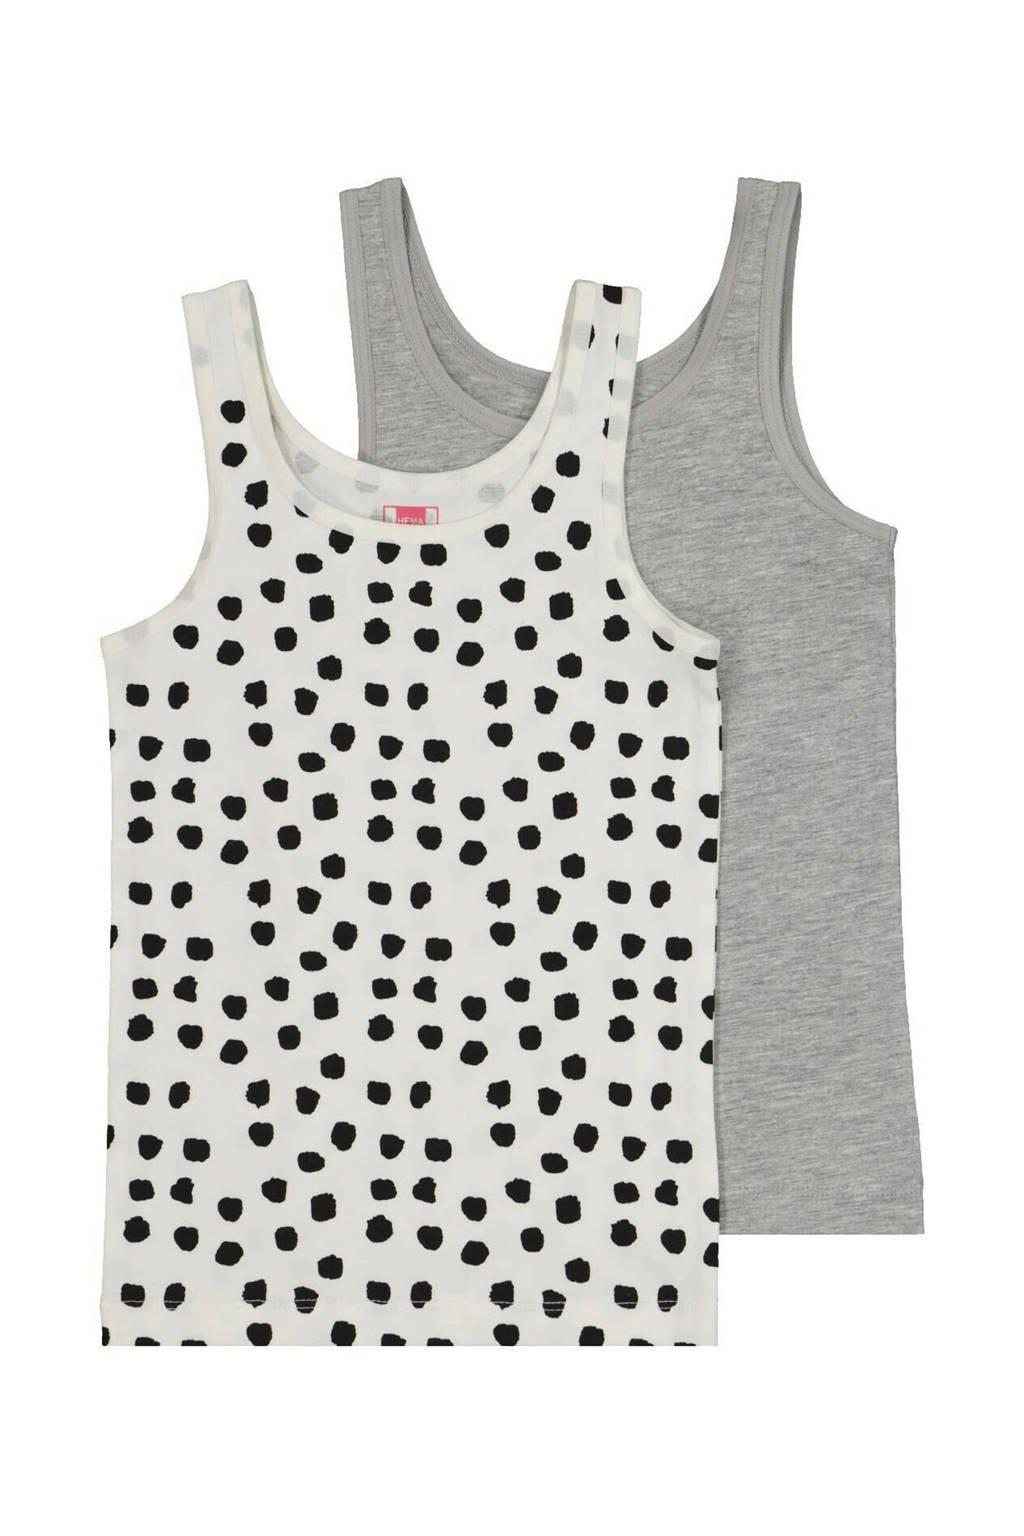 HEMA hemd - set van 2 wit/zwart stip en grijs, Zwart